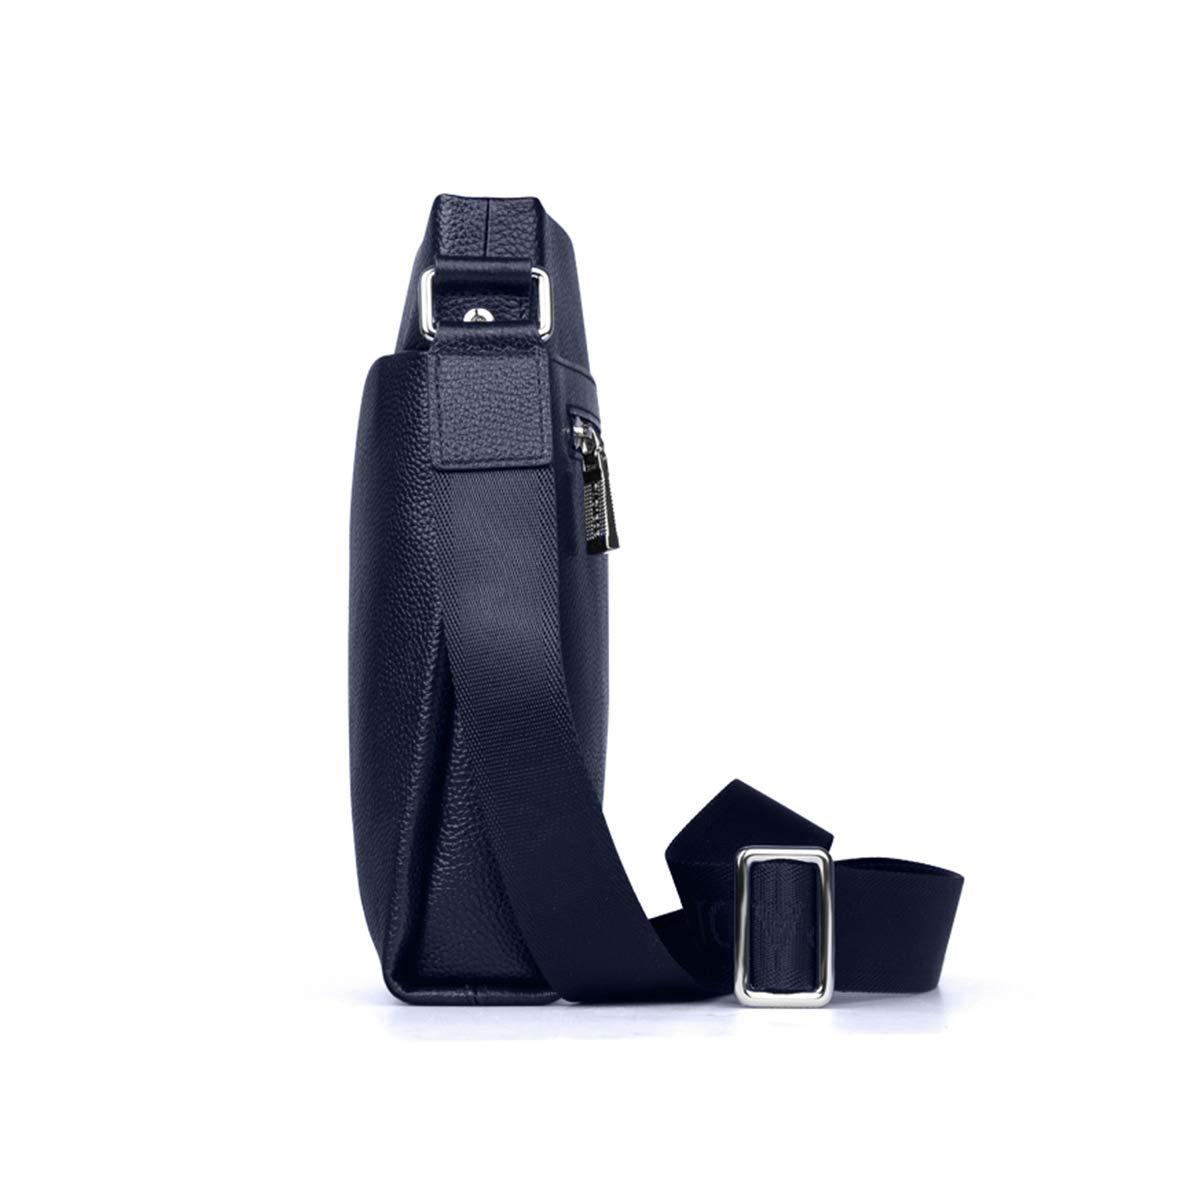 men bag messenger and crossbody bag shoulder bags leather business waterproof Compartment Adjusting the shoulder strap